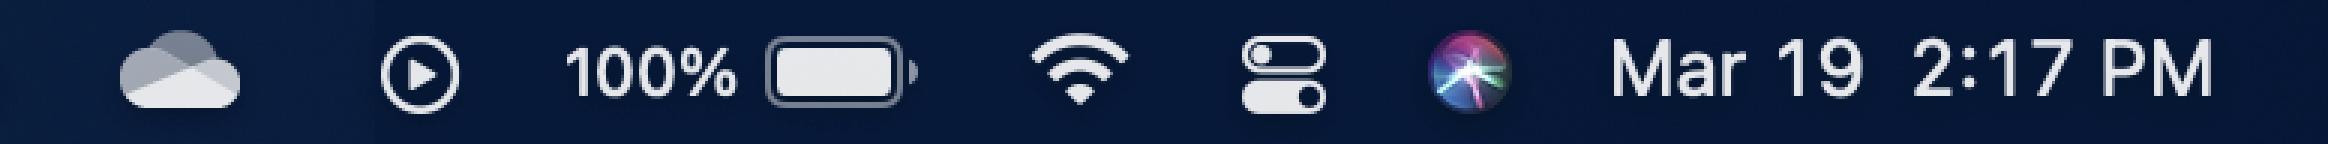 Toont de taakbalk op een Mac, met het cloudpictogram van OneDrive.